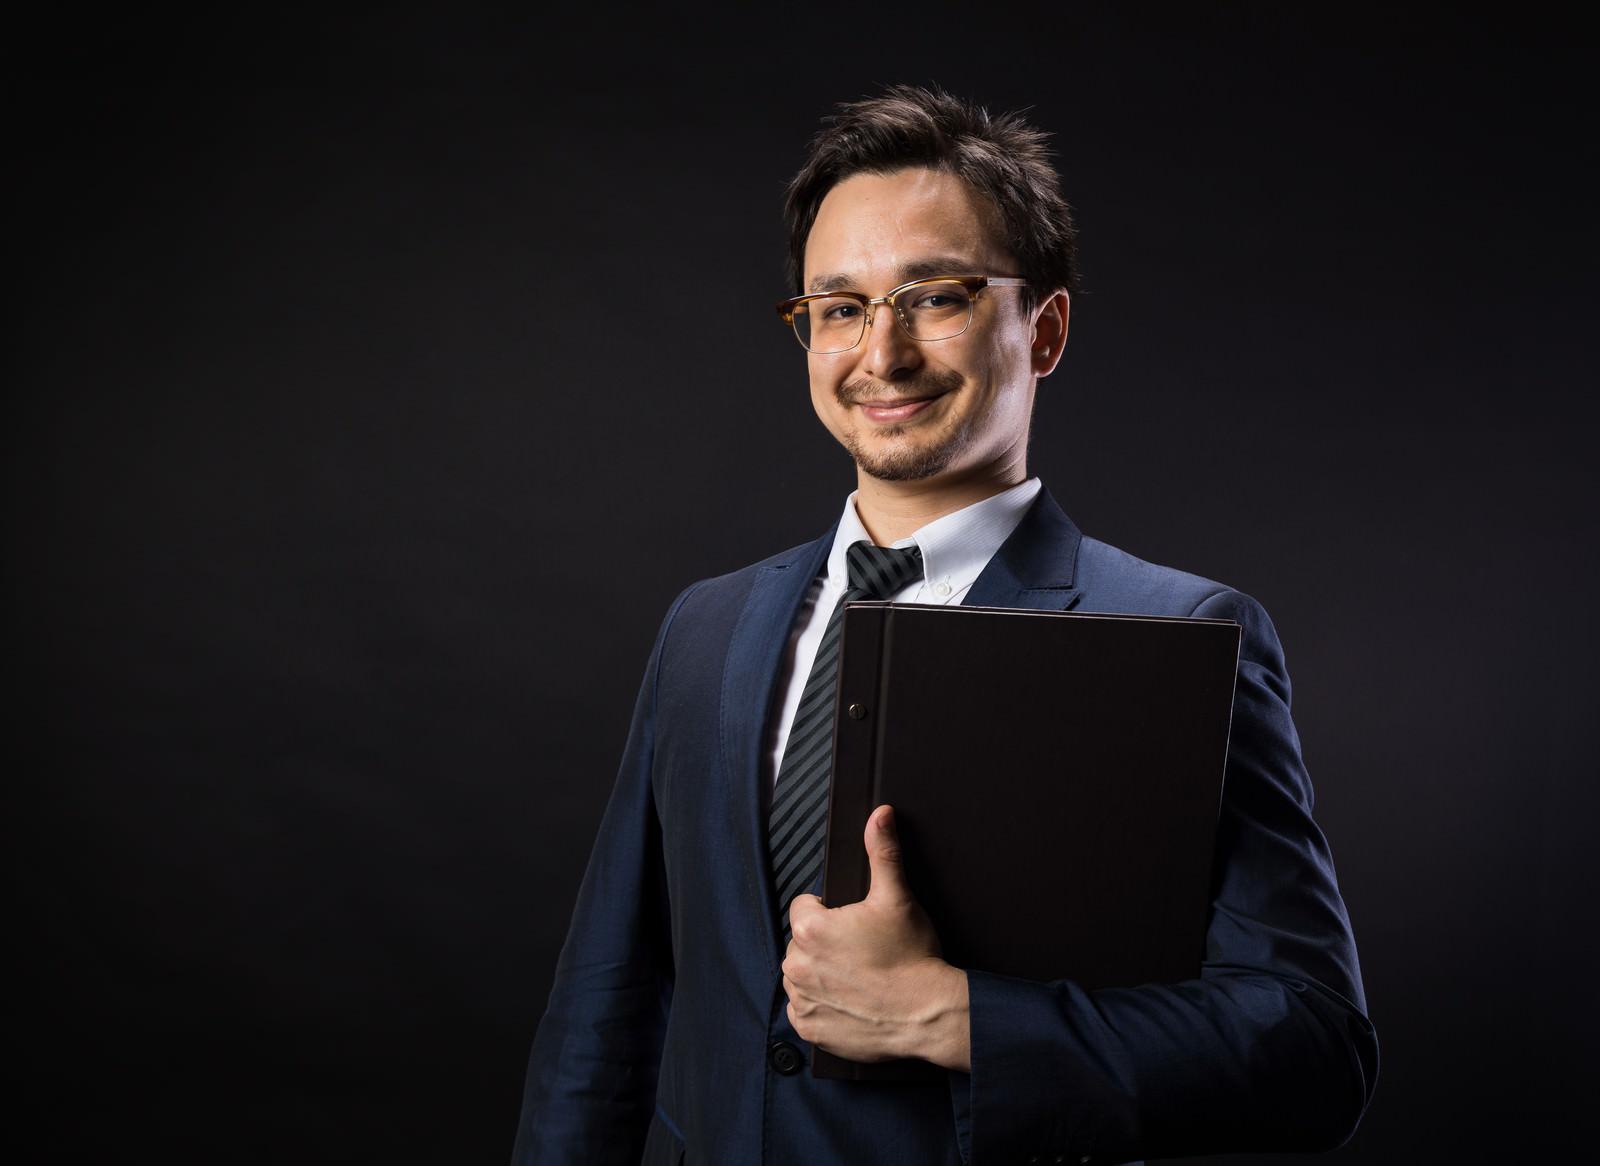 「GDPRの遵守を啓蒙する法務担当者」の写真[モデル:Max_Ezaki]